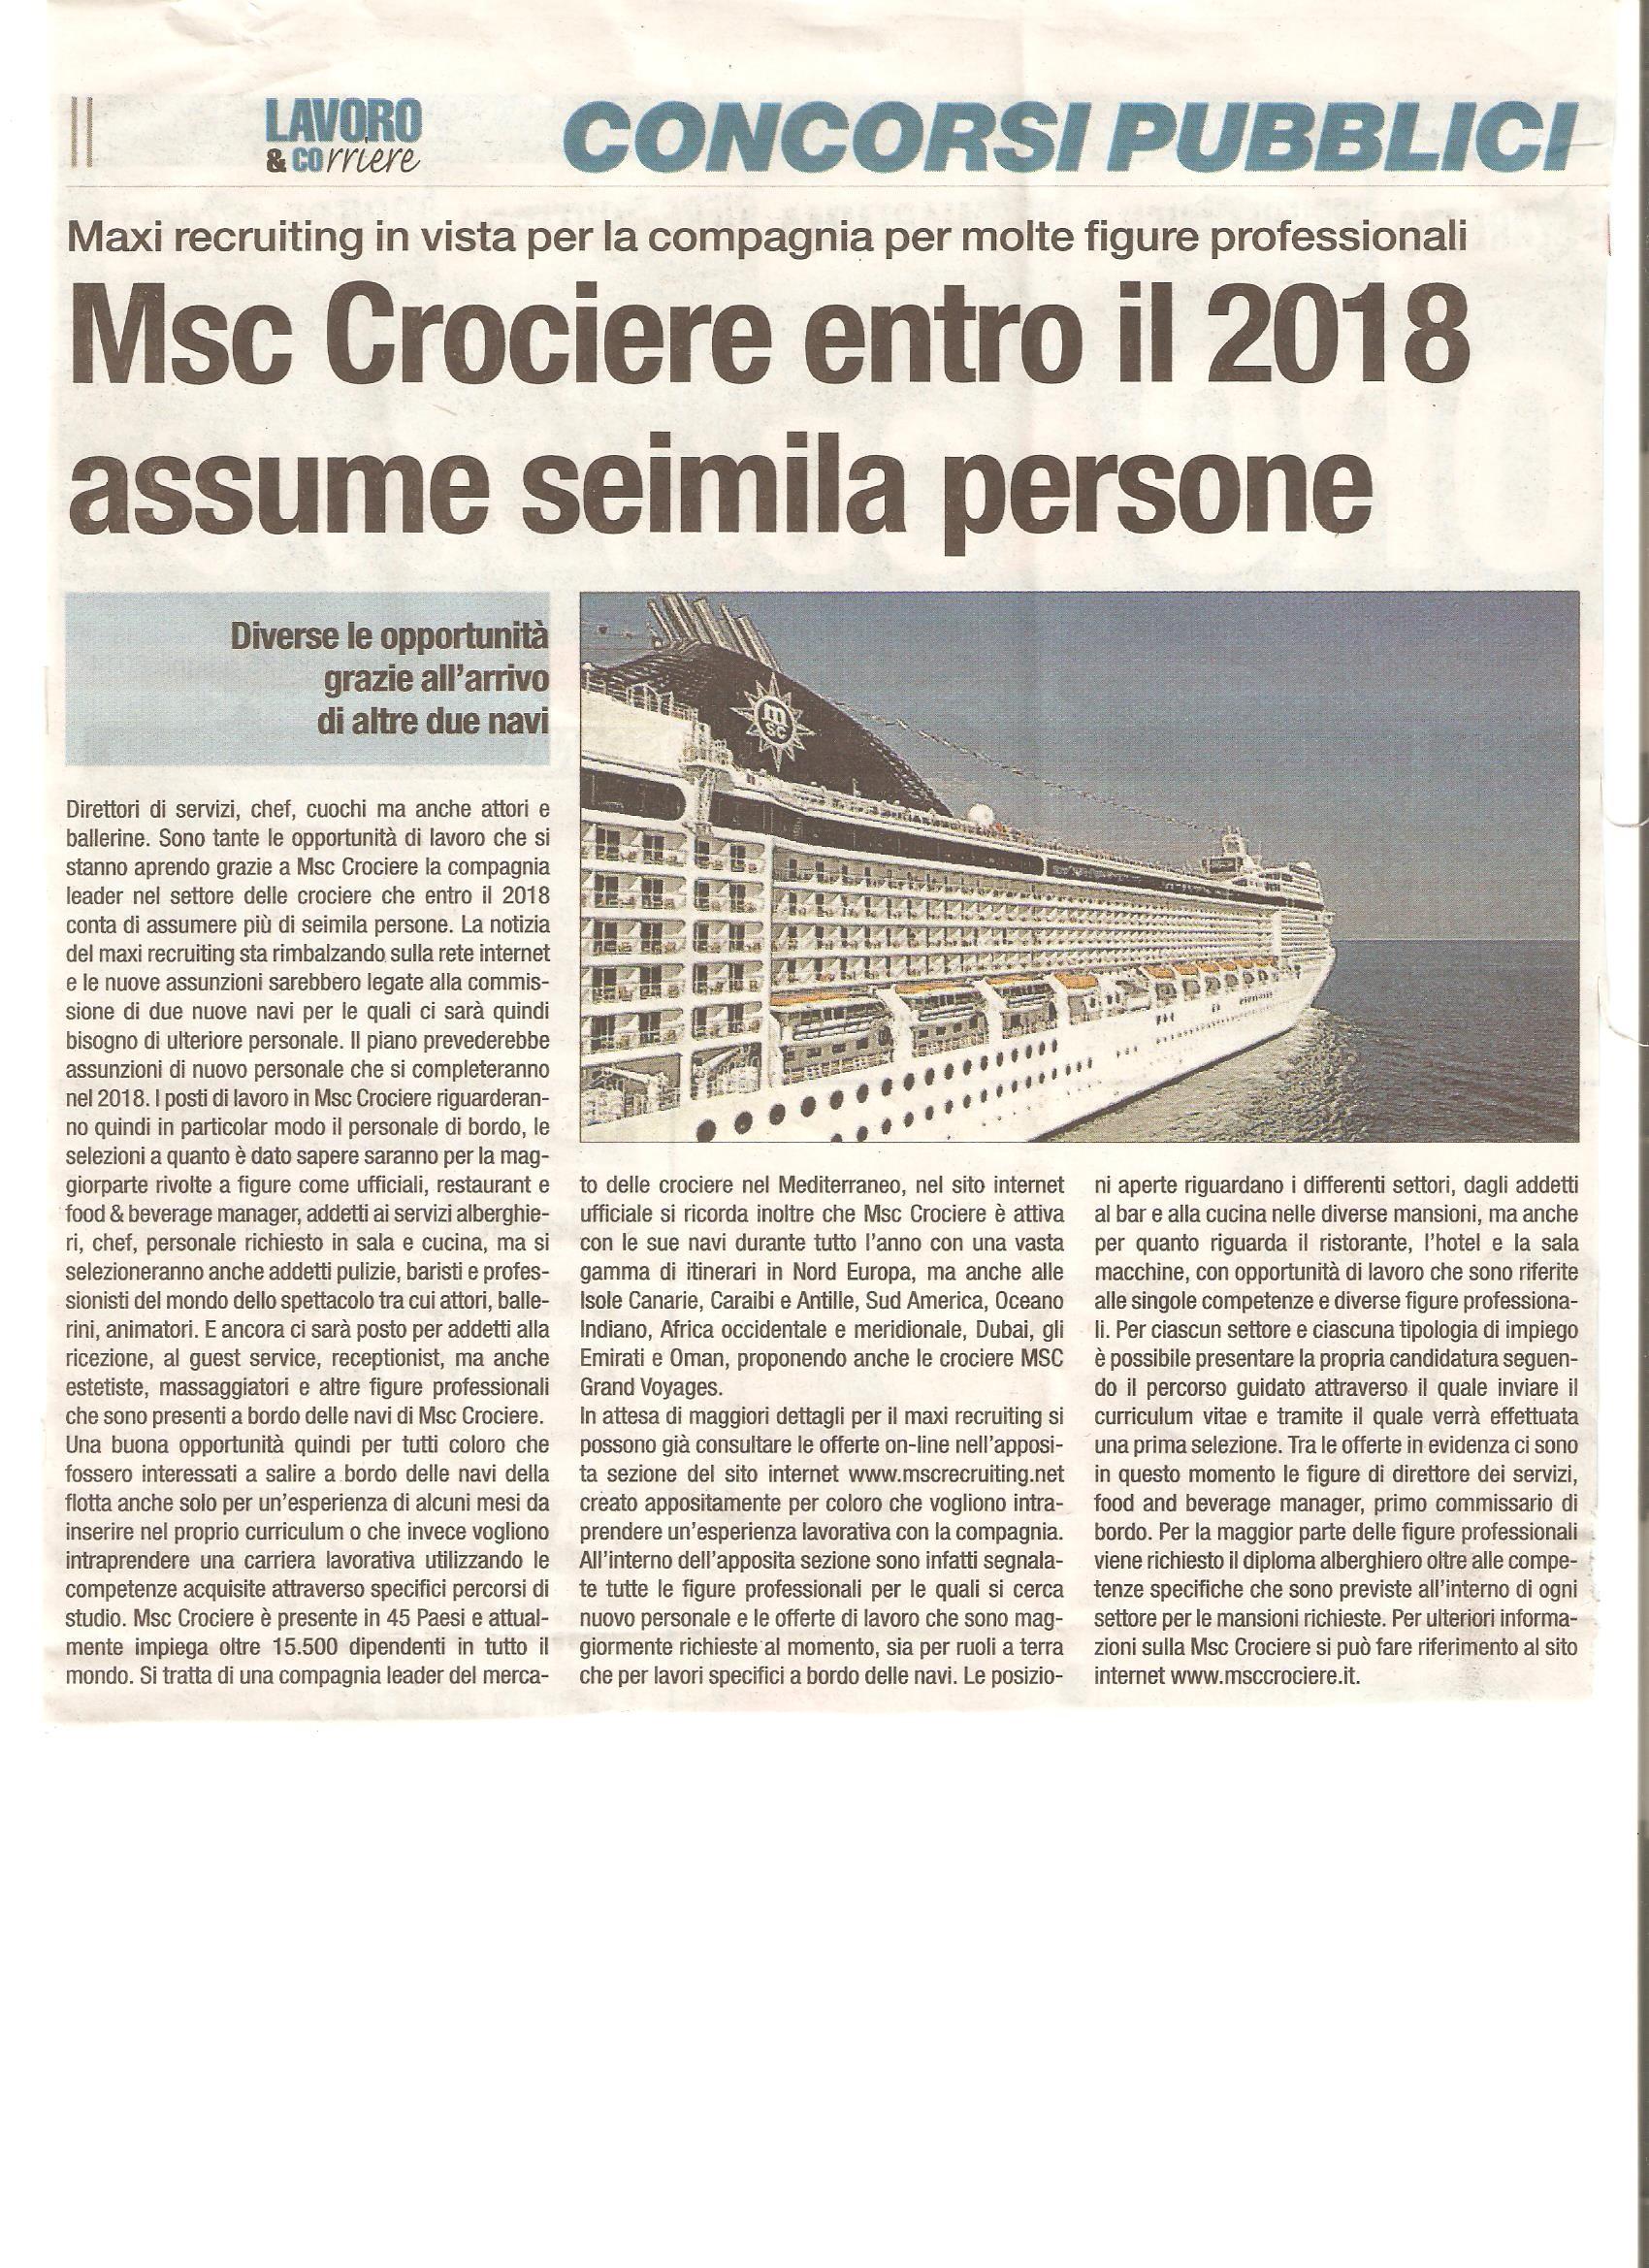 Hilton Catania Capomulini Lavoro occasione da non perdere - assisi-spoleto e non solo